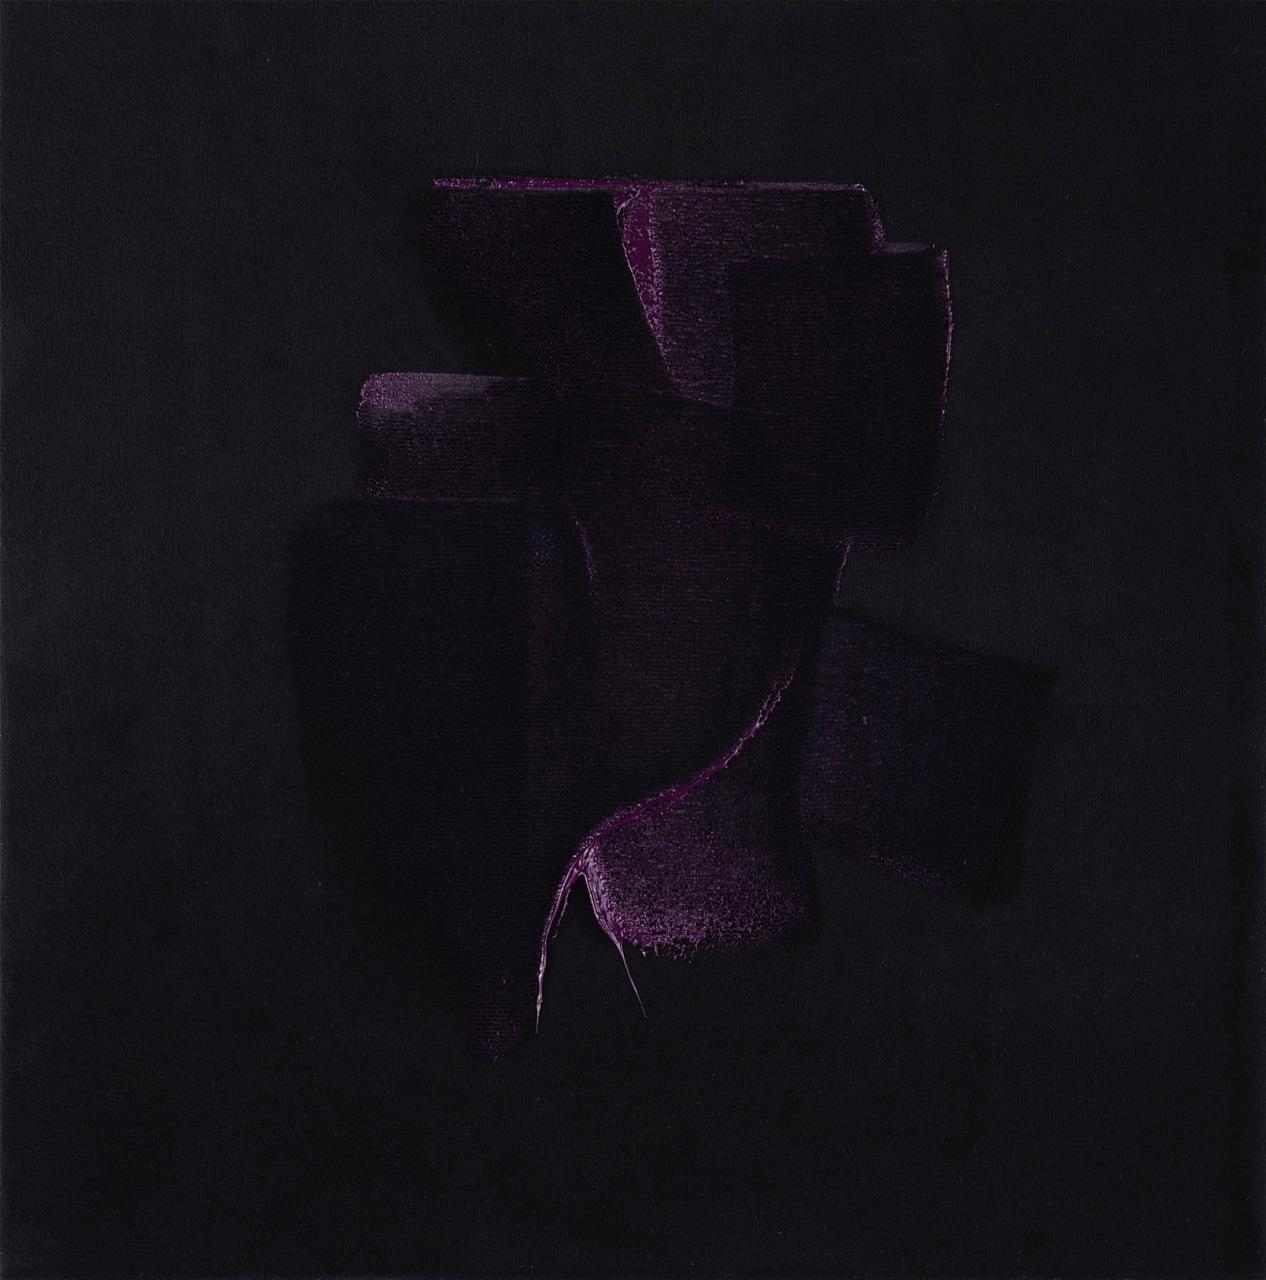 Velvet twilight